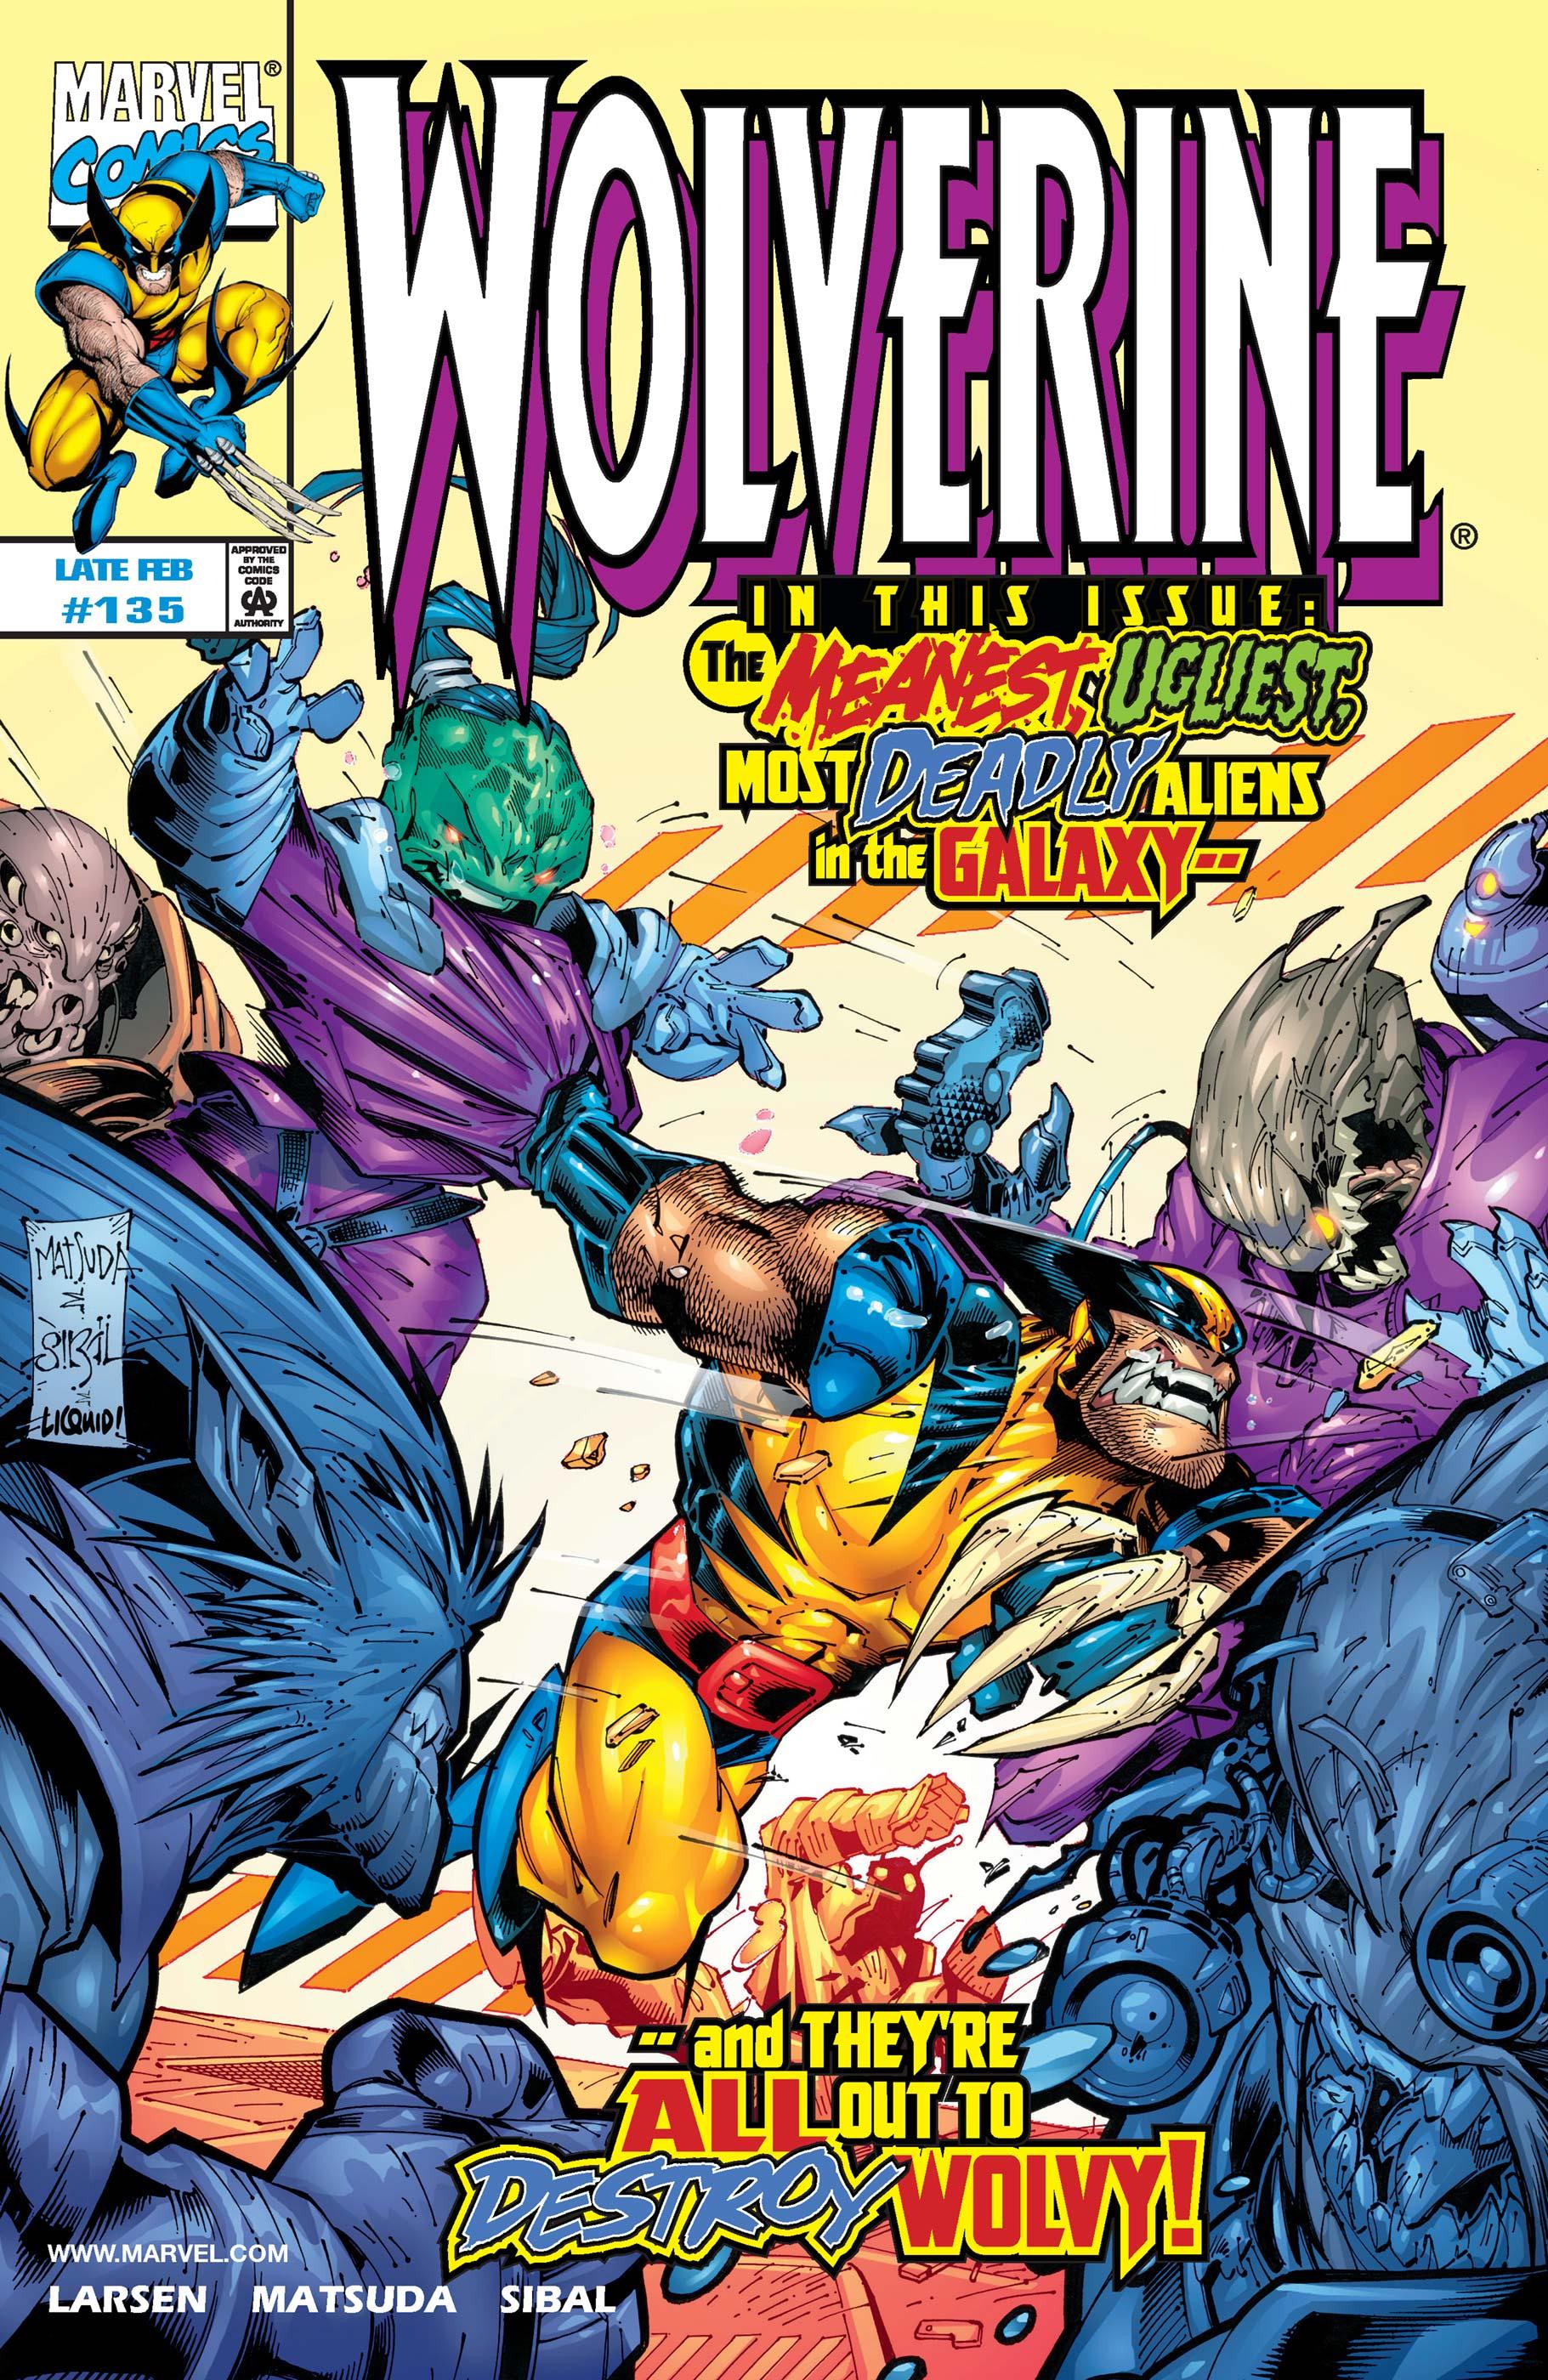 Wolverine (1988) #135